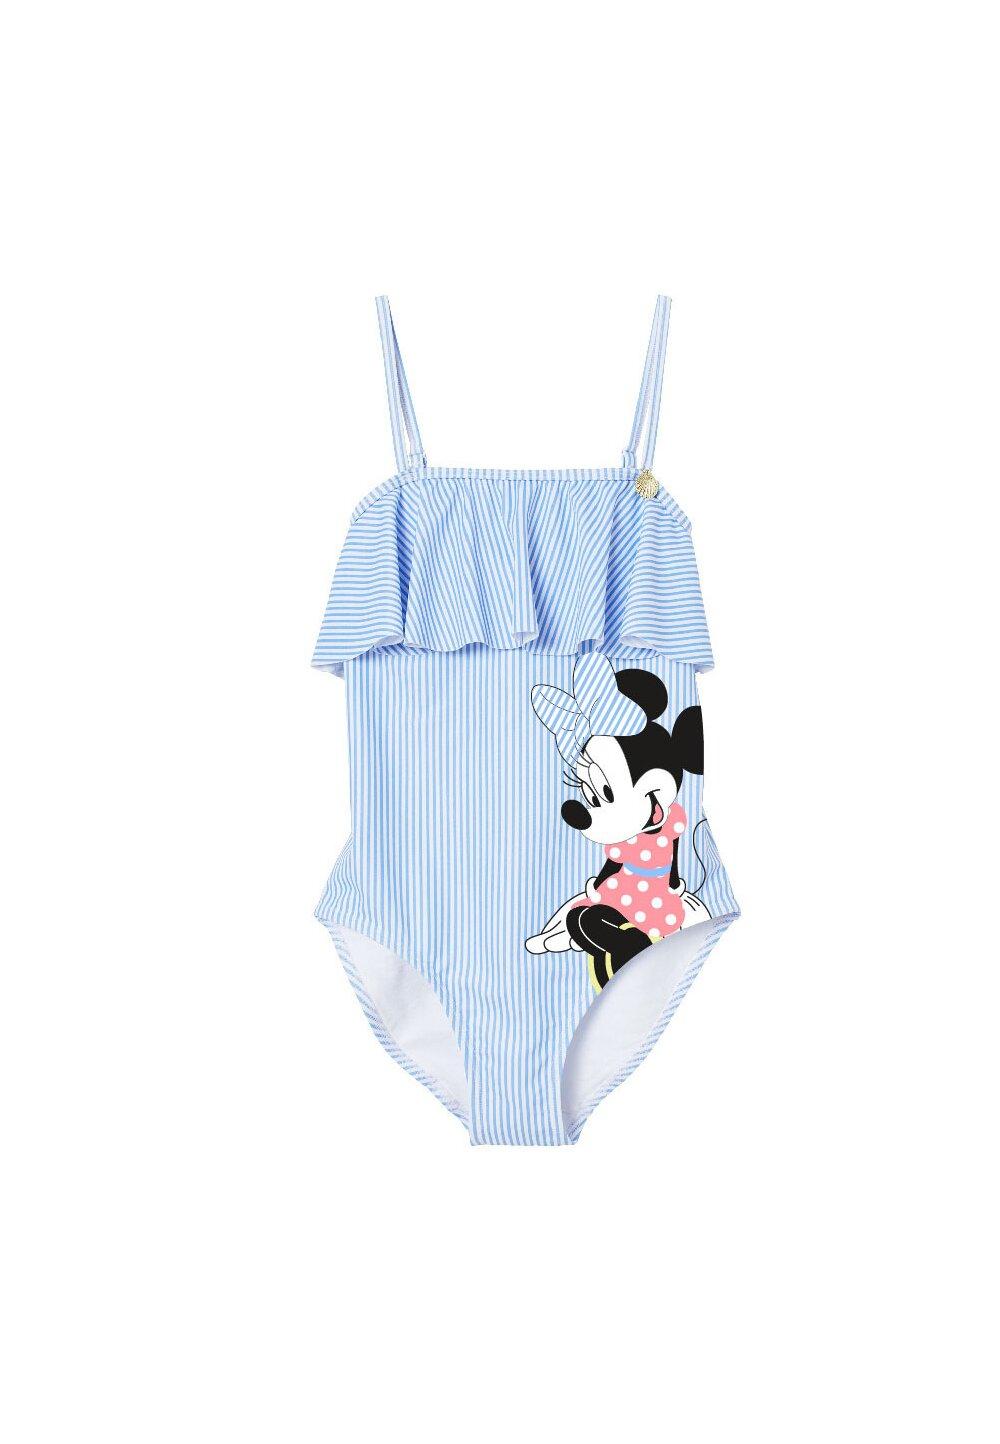 Costum de baie, intreg, Minnie Mouse, albastru cu dungi